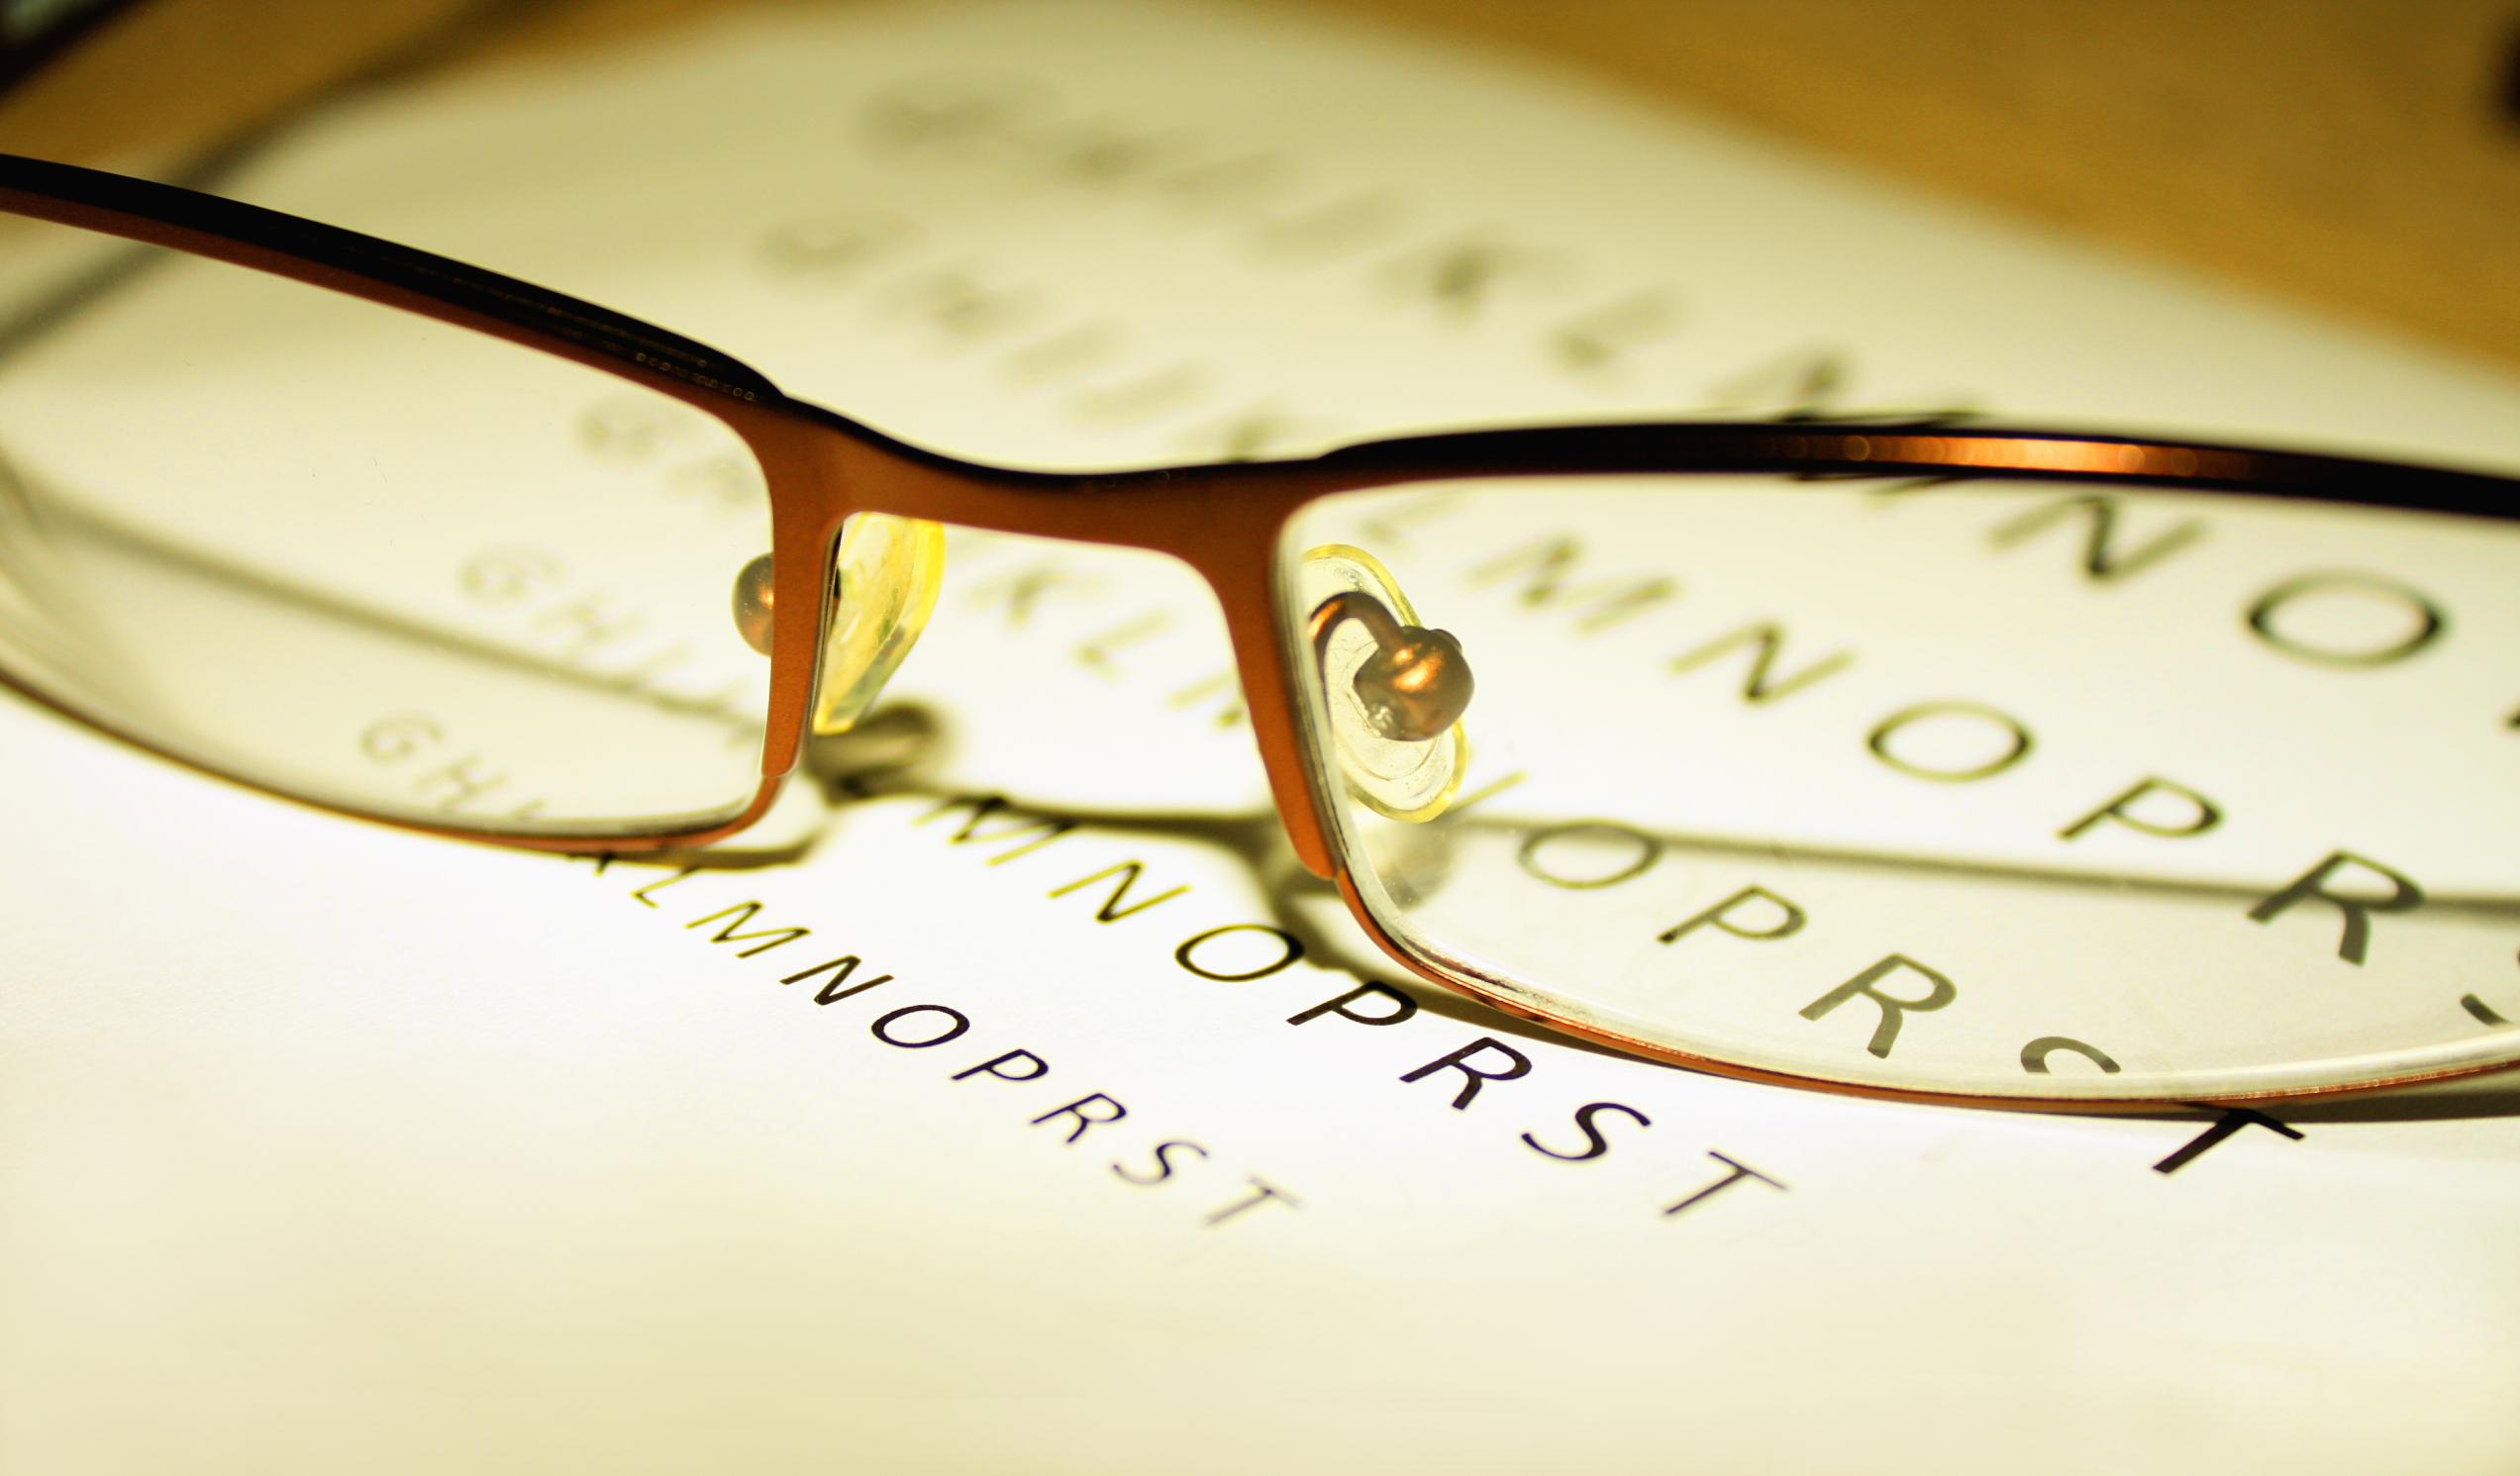 Deficiențele vizuale: Ce este Hipermetropia? Simptomele, cauzele și tratamentul | Blog scutere-galant.ro